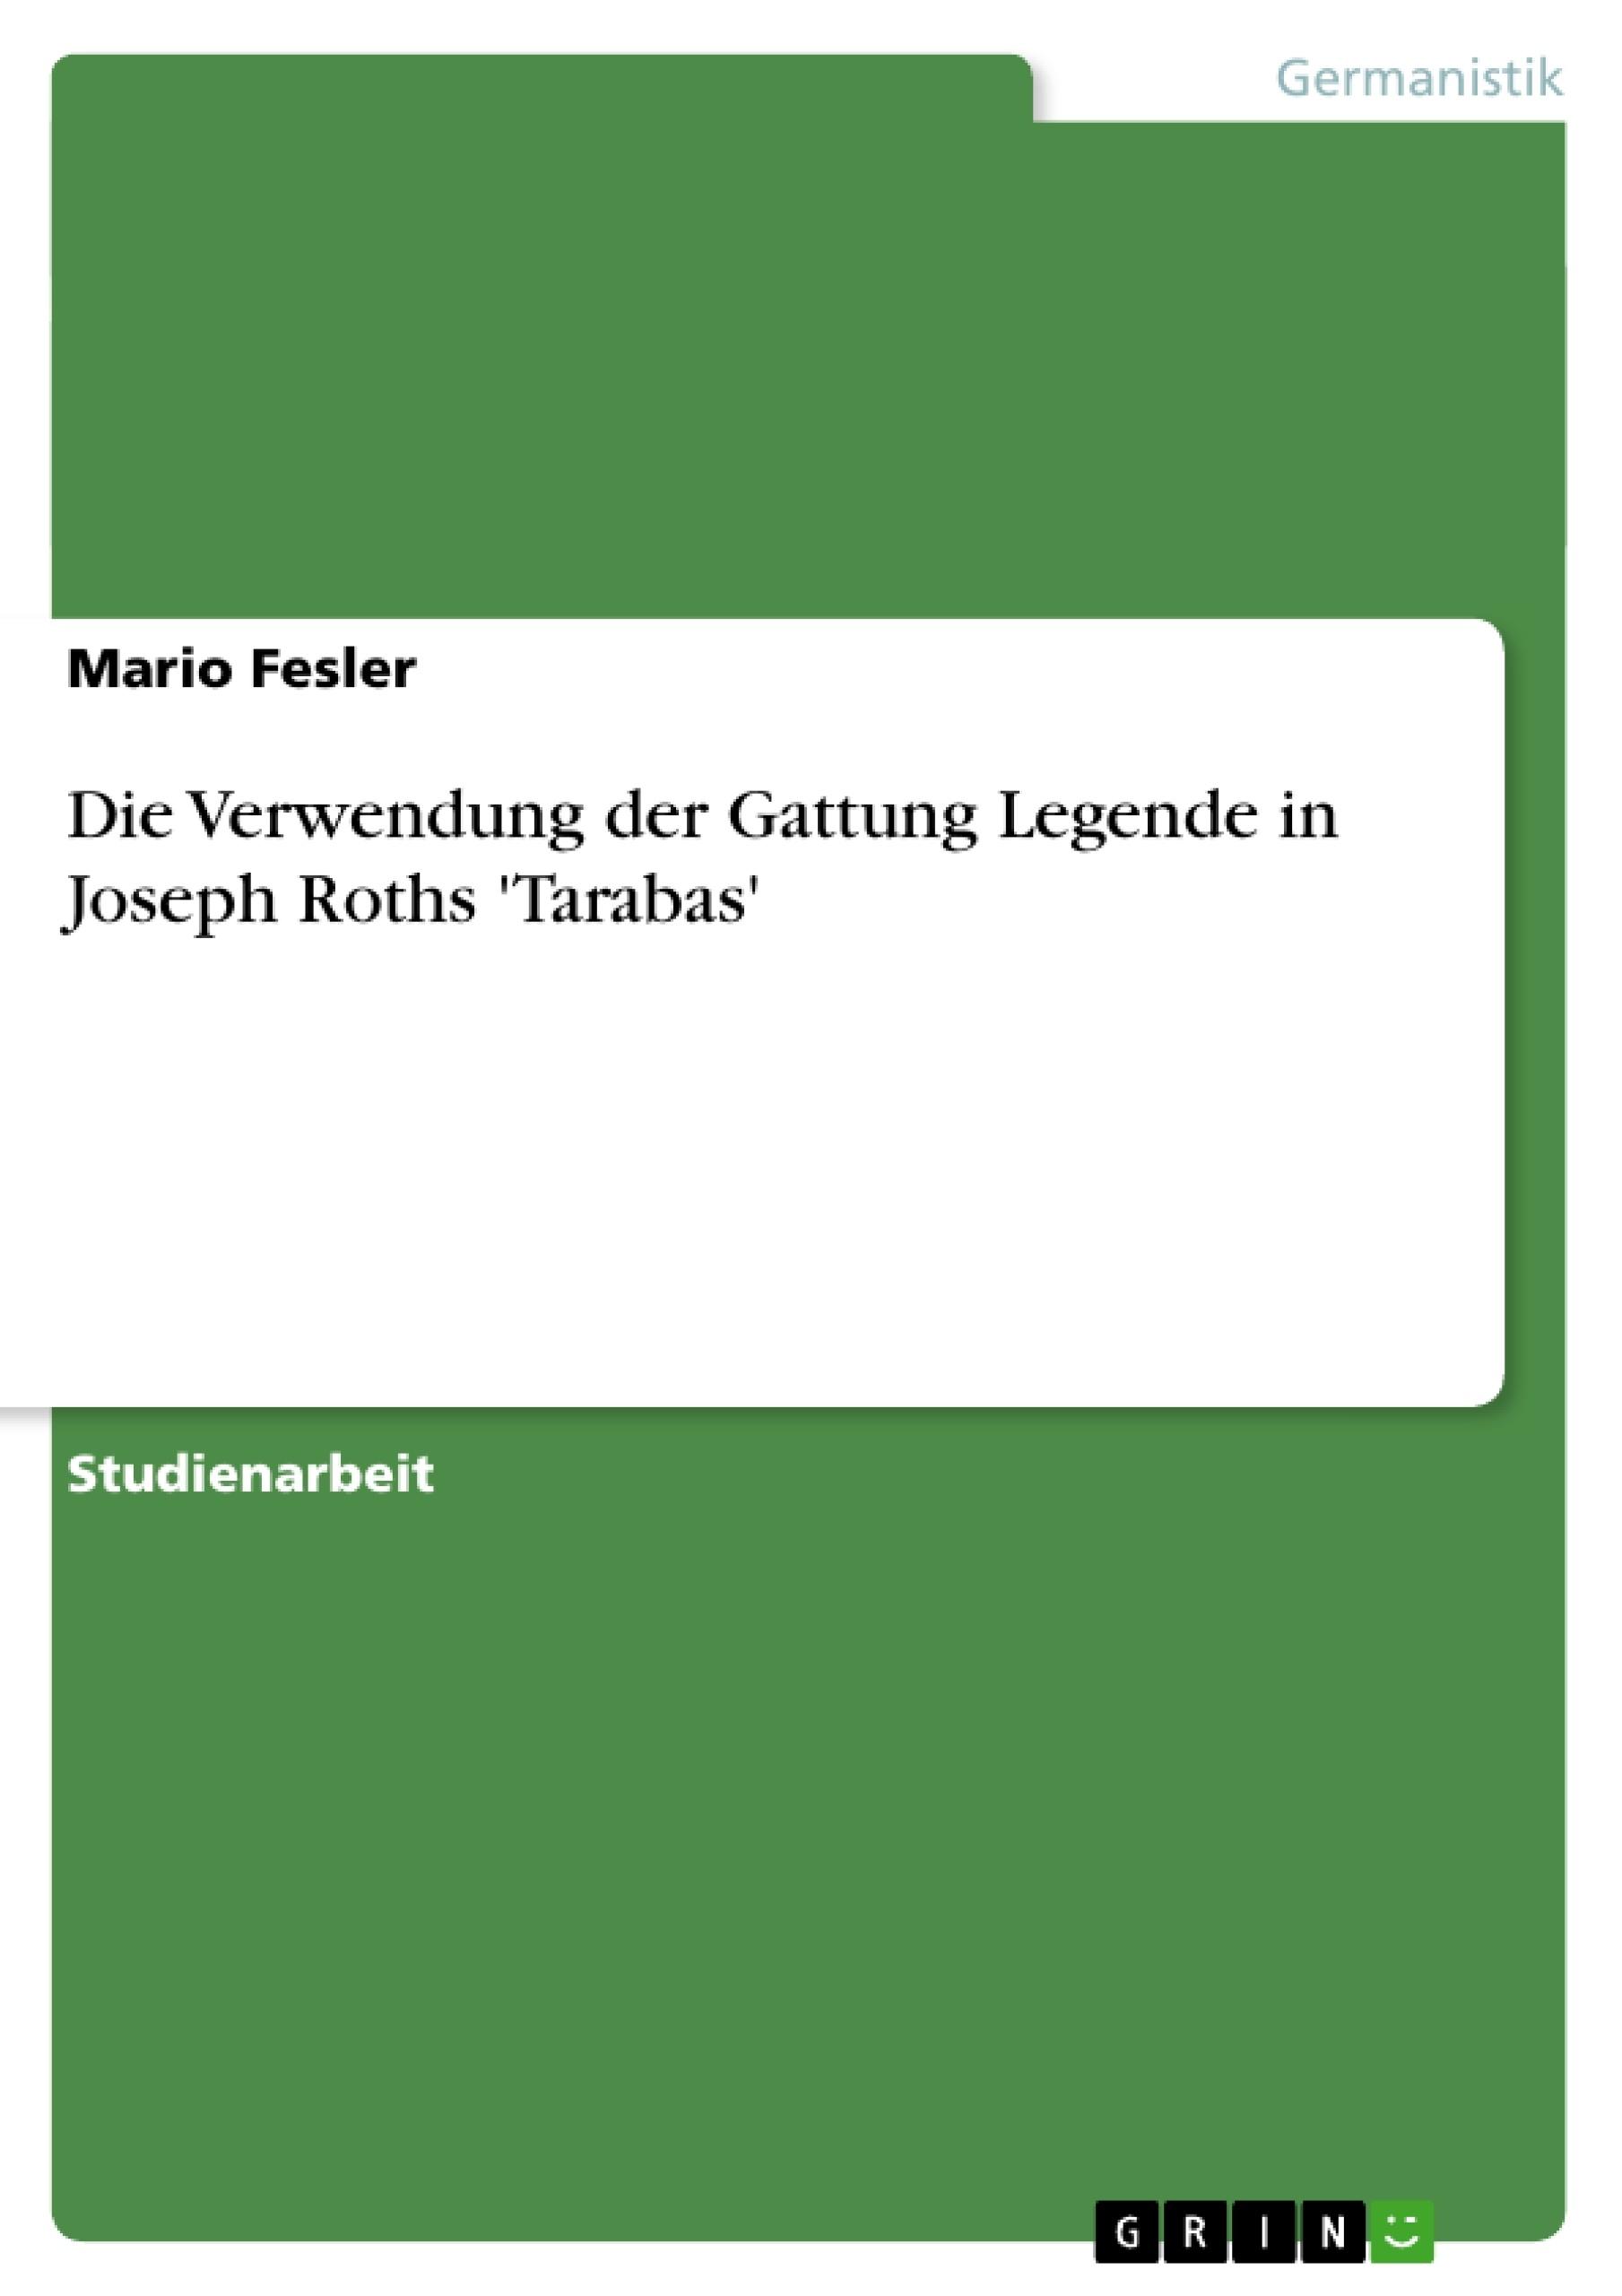 Titel: Die Verwendung der Gattung Legende in Joseph Roths 'Tarabas'